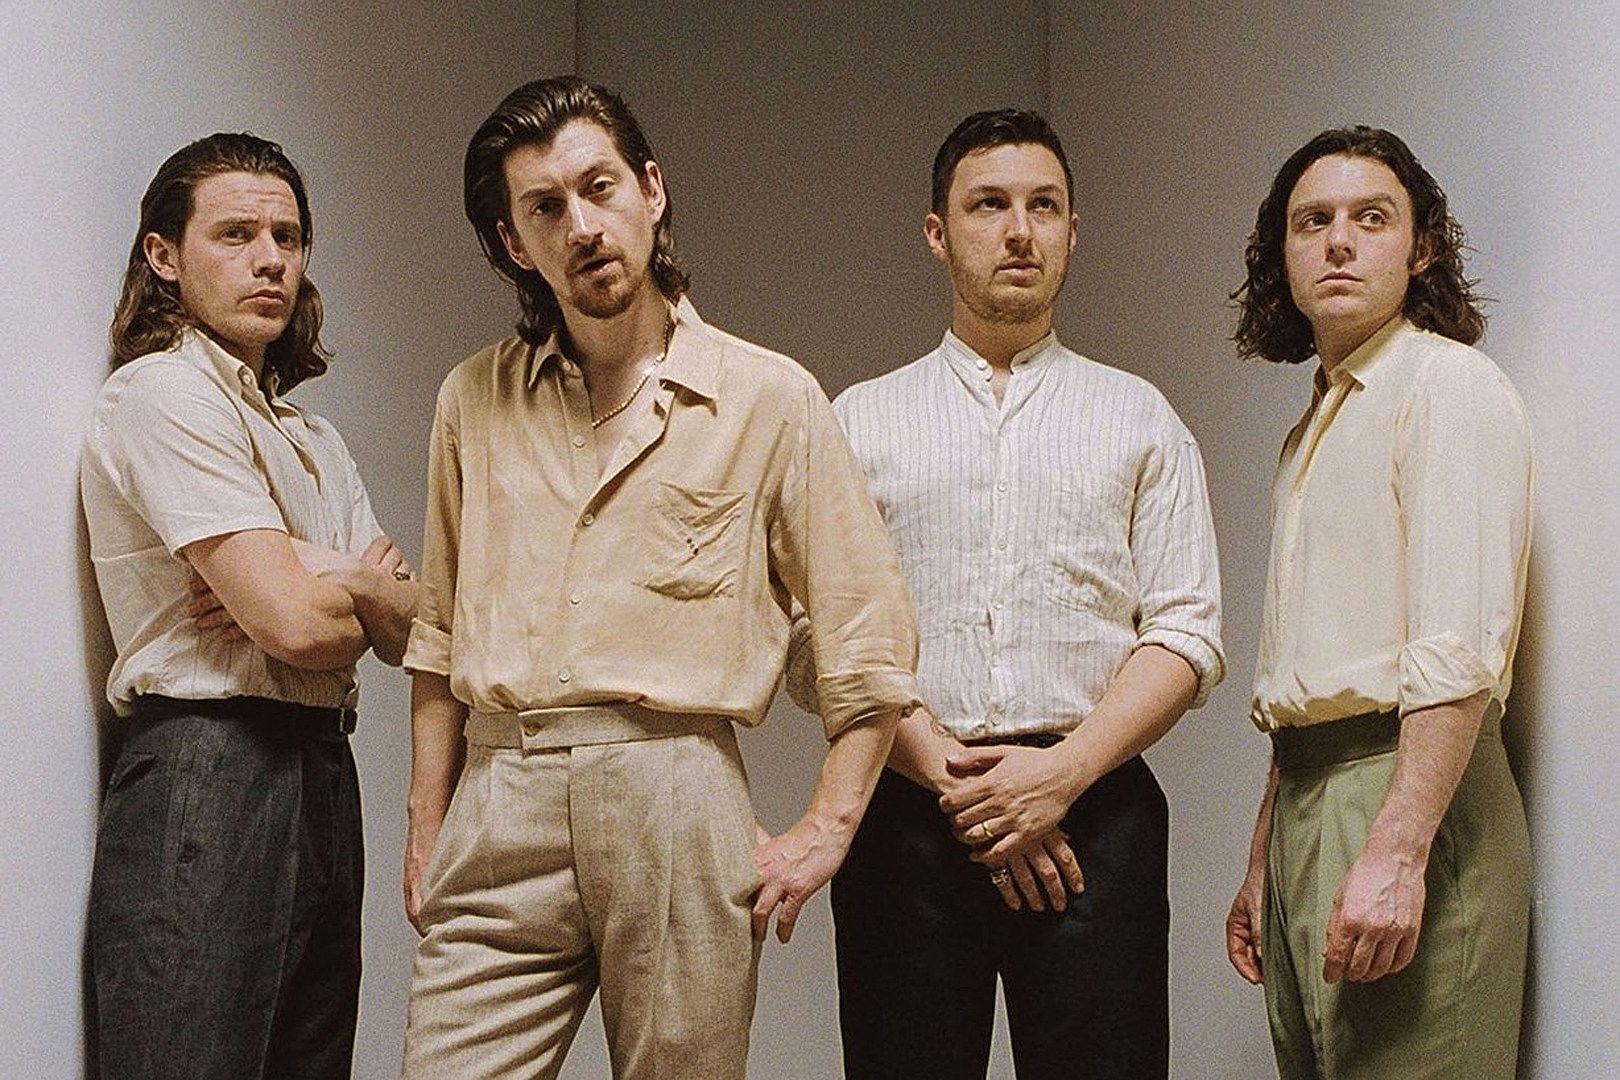 แปลเพลง : Arctic Monkeys - Bakery หวังว่าจะได้พบเจอเธออีกครั้ง